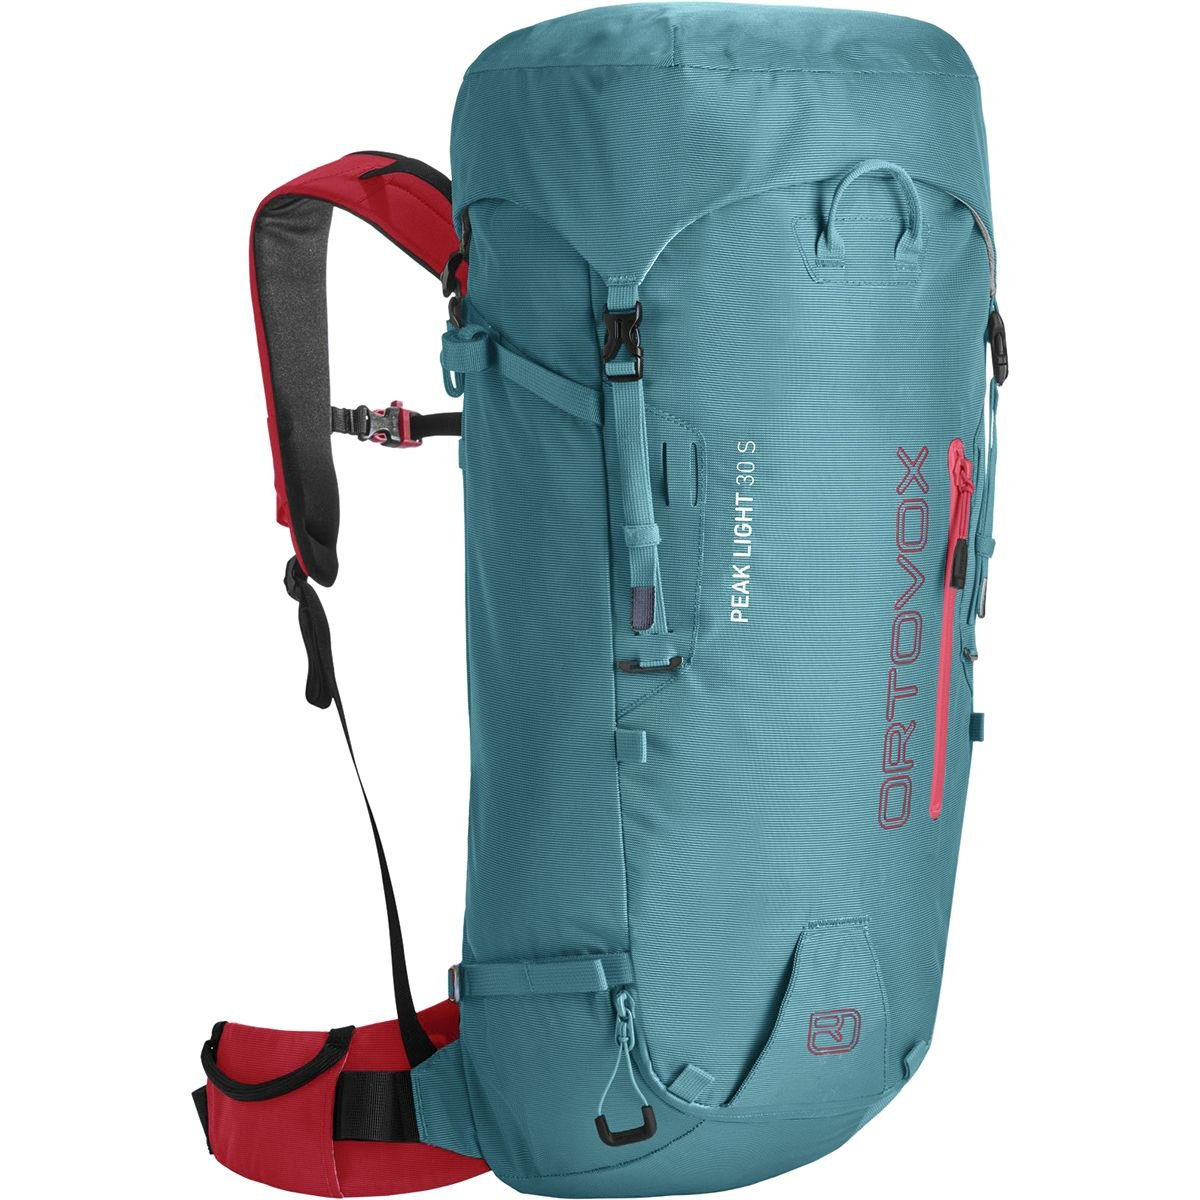 [オルトボックス] メンズ バックパックリュックサック Peak Light 30L S Backpack [並行輸入品] No-Size  B07GR151KK